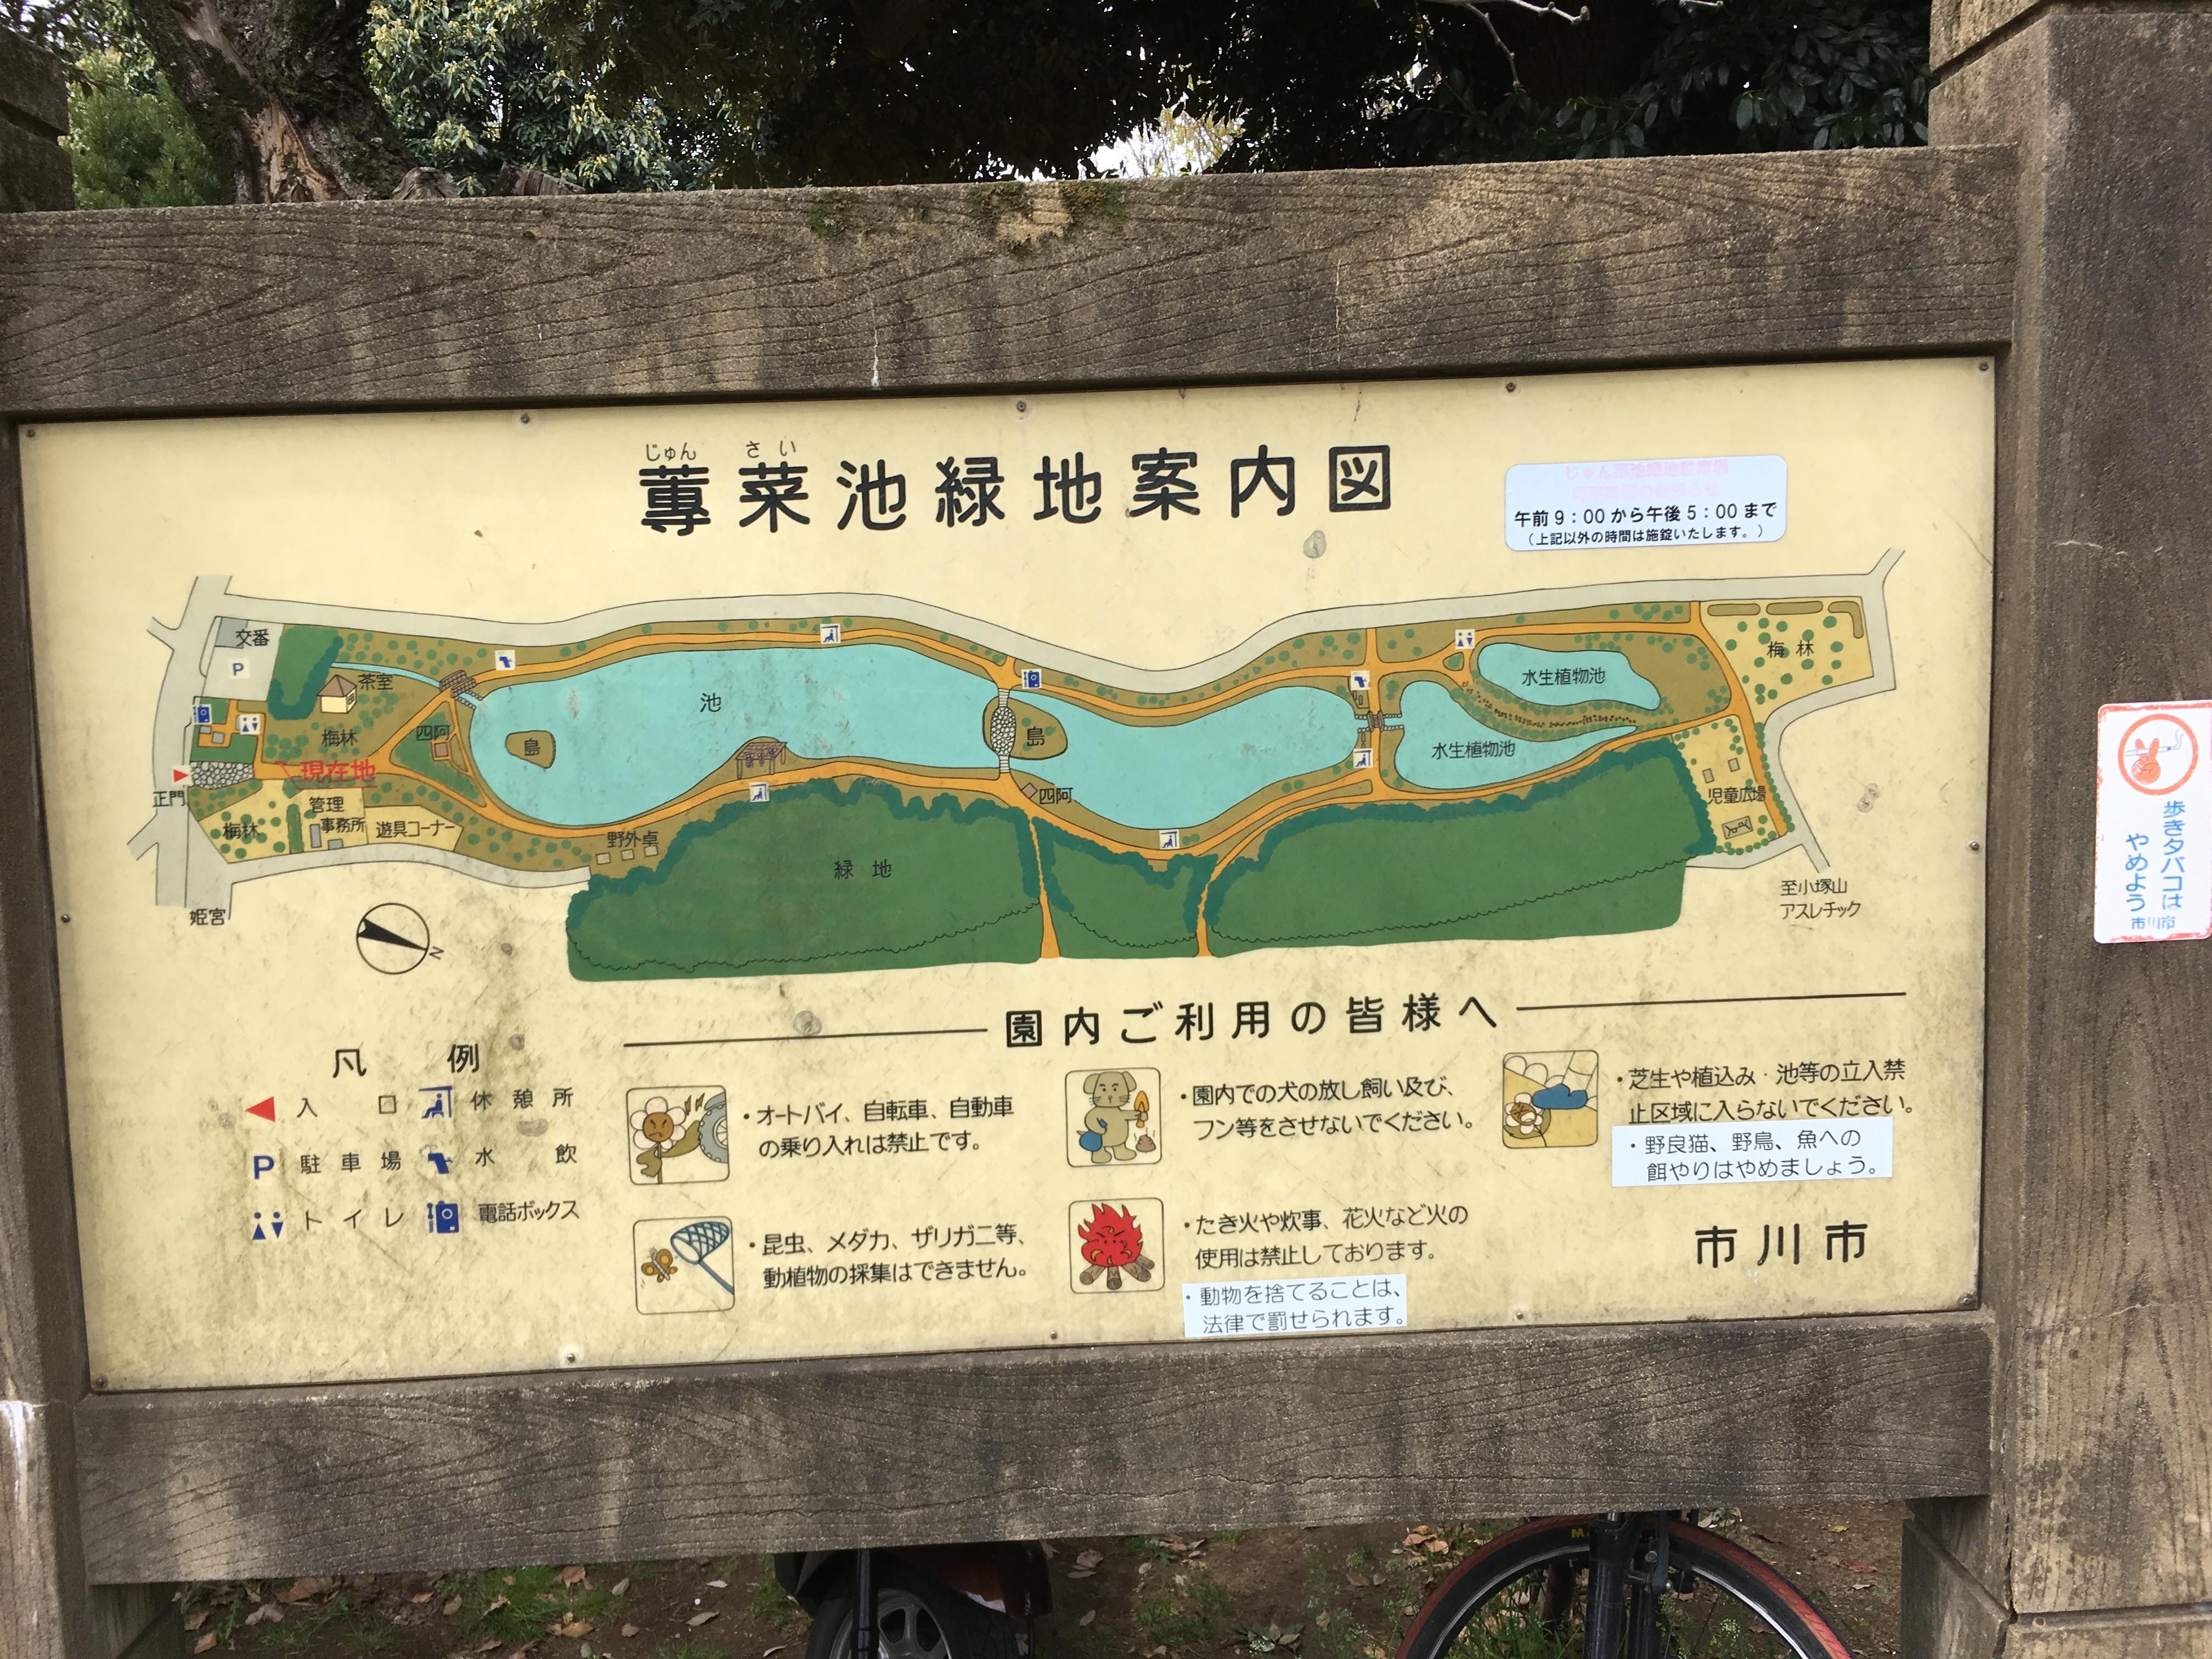 じゅん菜池緑地案内図